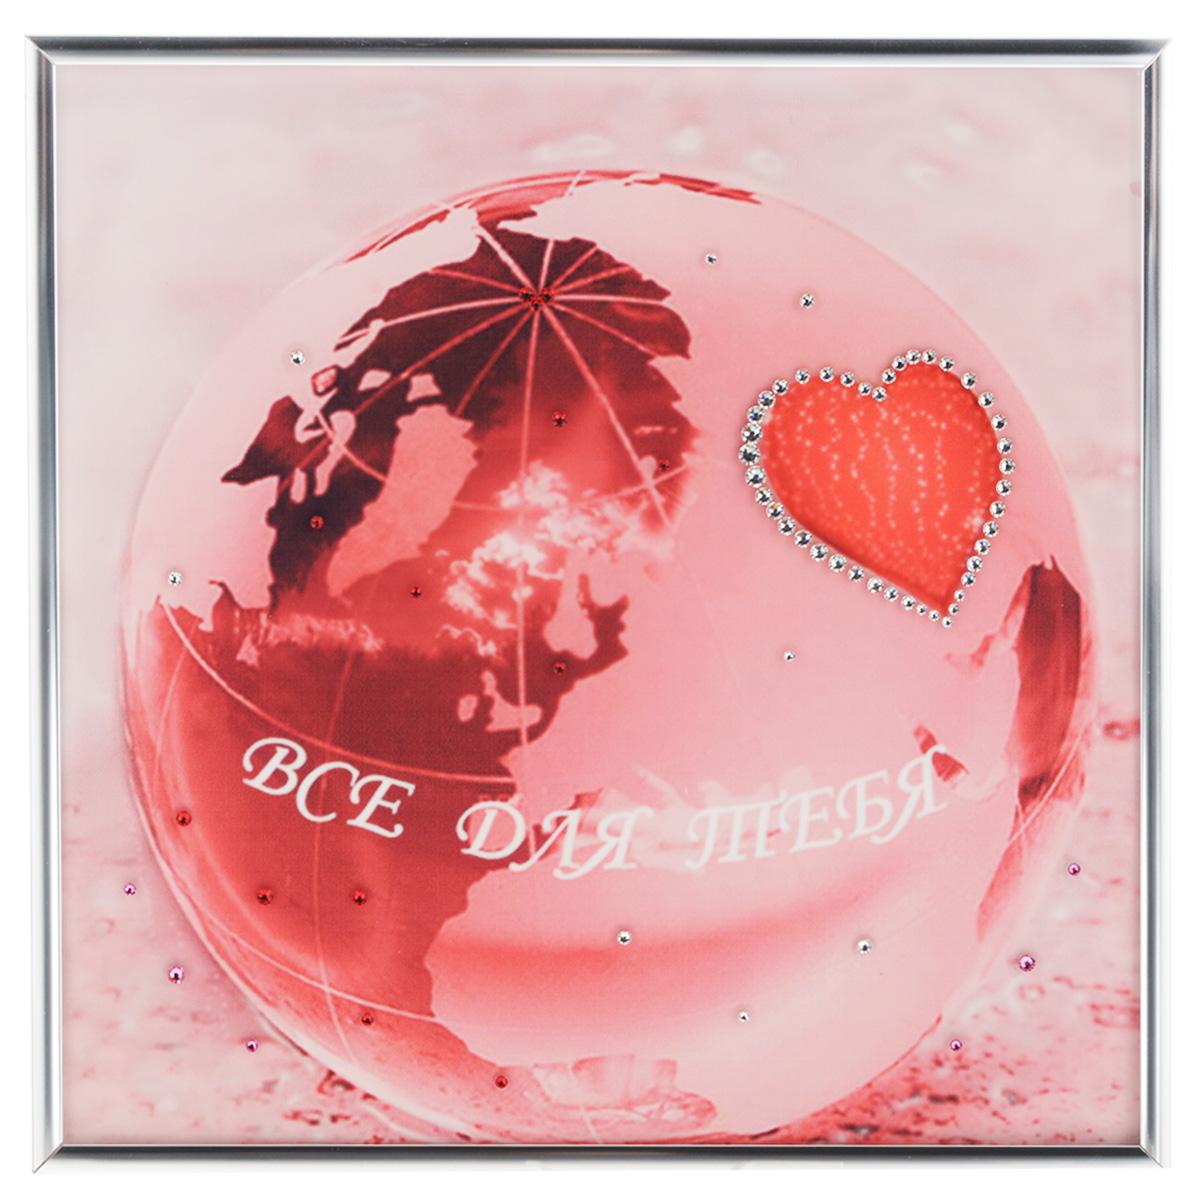 Картина с кристаллами Swarovski Весь мир для тебя, 26 х 26 смCT4-25Изящная картина в металлической раме, инкрустирована кристаллами Swarovski, которые отличаются четкой и ровной огранкой, ярким блеском и чистотой цвета. Красочное изображение глобуса и сердца, расположенное под стеклом, прекрасно дополняет блеск кристаллов. С обратной стороны имеется металлическая петелька для размещения картины на стене. Картина с кристаллами Swarovski Весь мир для тебя элегантно украсит интерьер дома или офиса, а также станет прекрасным подарком, который обязательно понравится получателю. Блеск кристаллов в интерьере, что может быть сказочнее и удивительнее. Картина упакована в подарочную картонную коробку синего цвета и комплектуется сертификатом соответствия Swarovski.